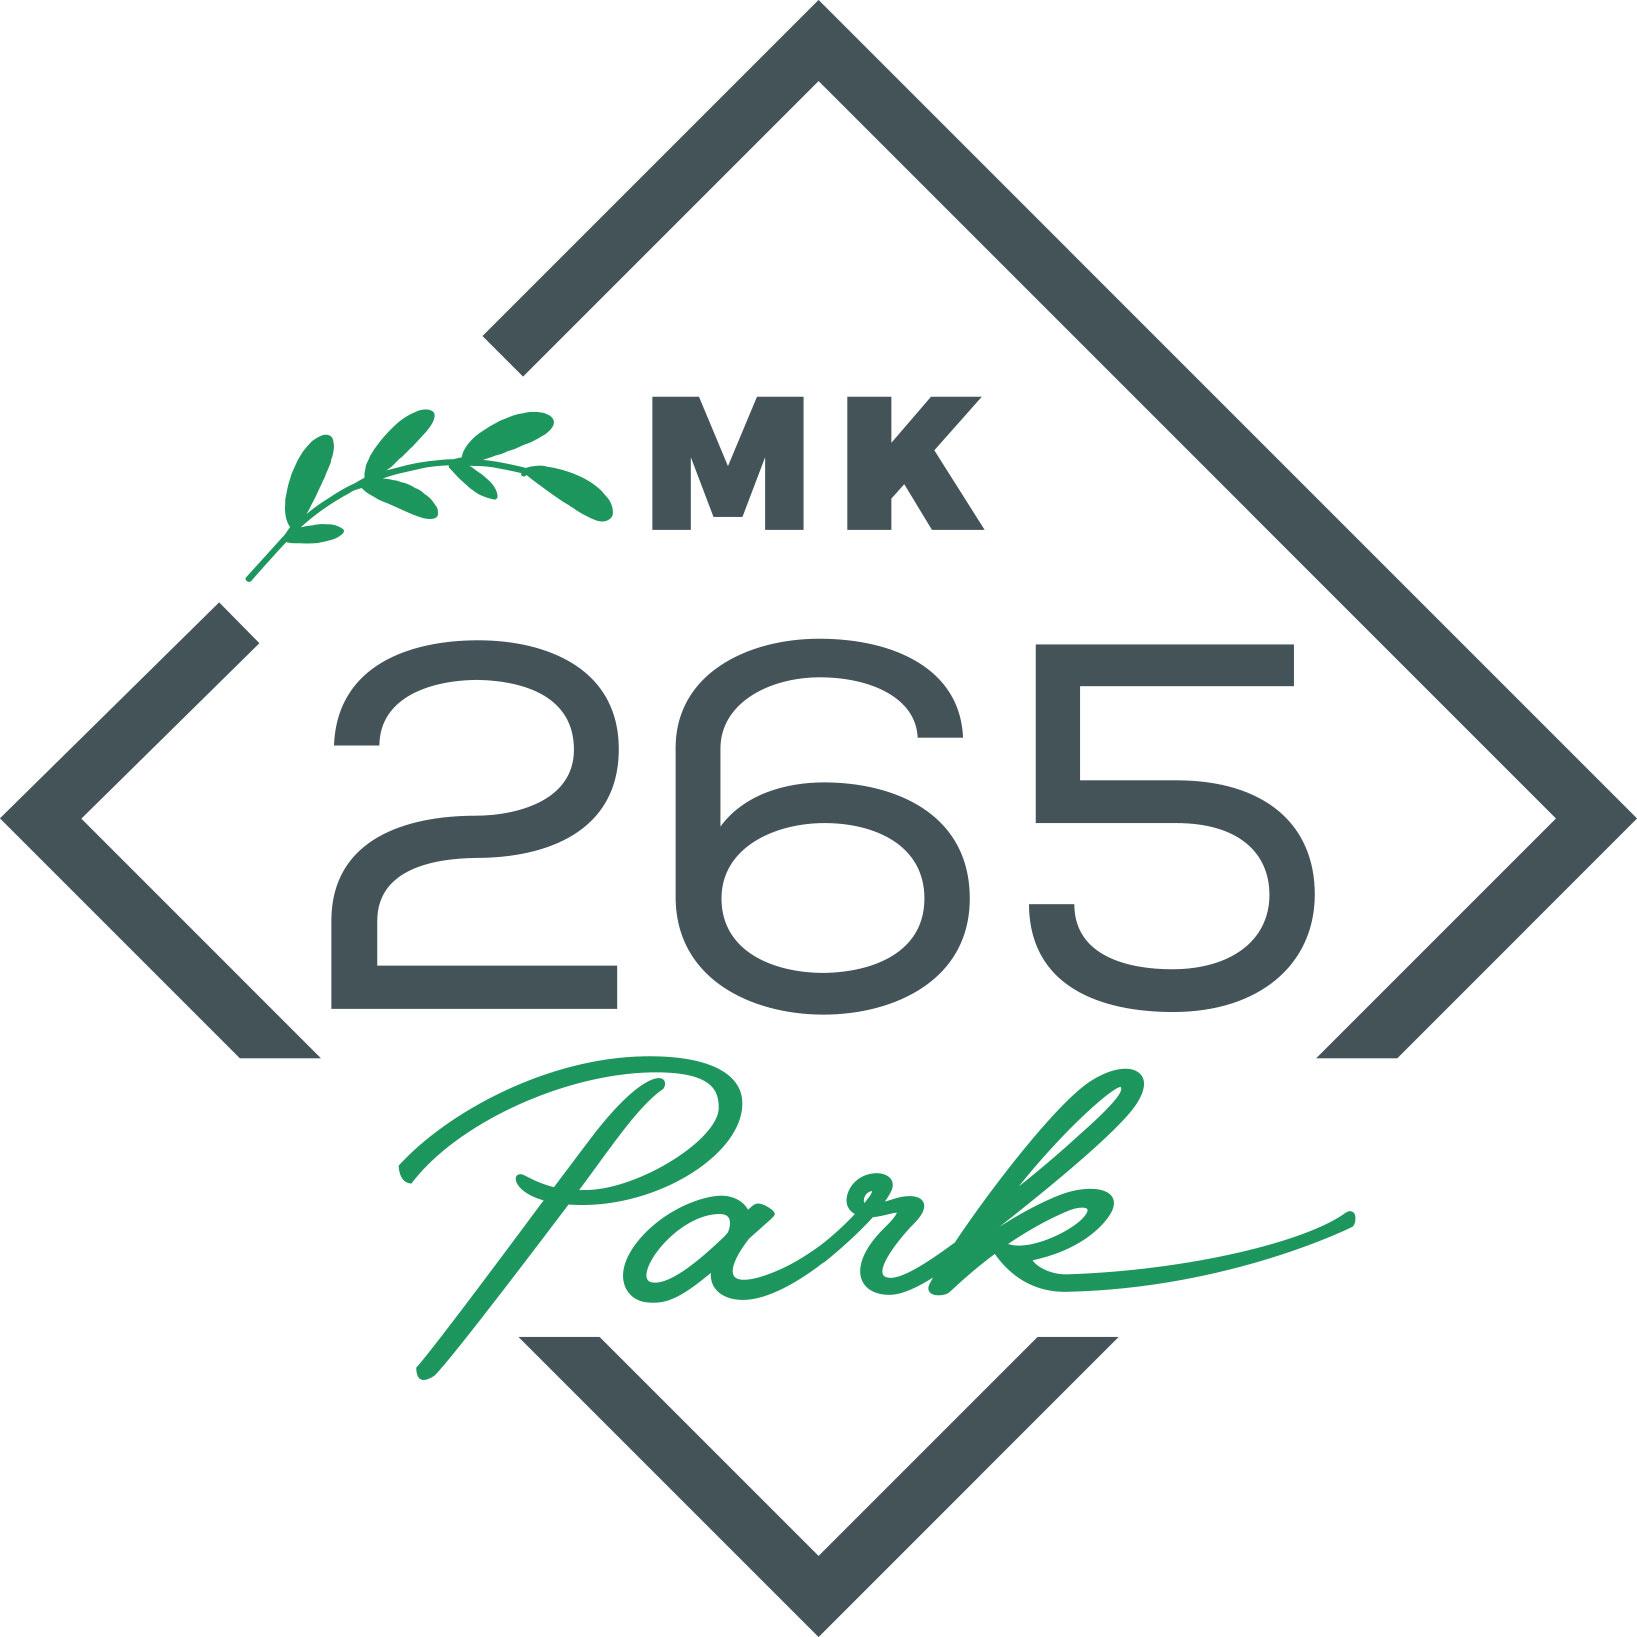 MK265 Park